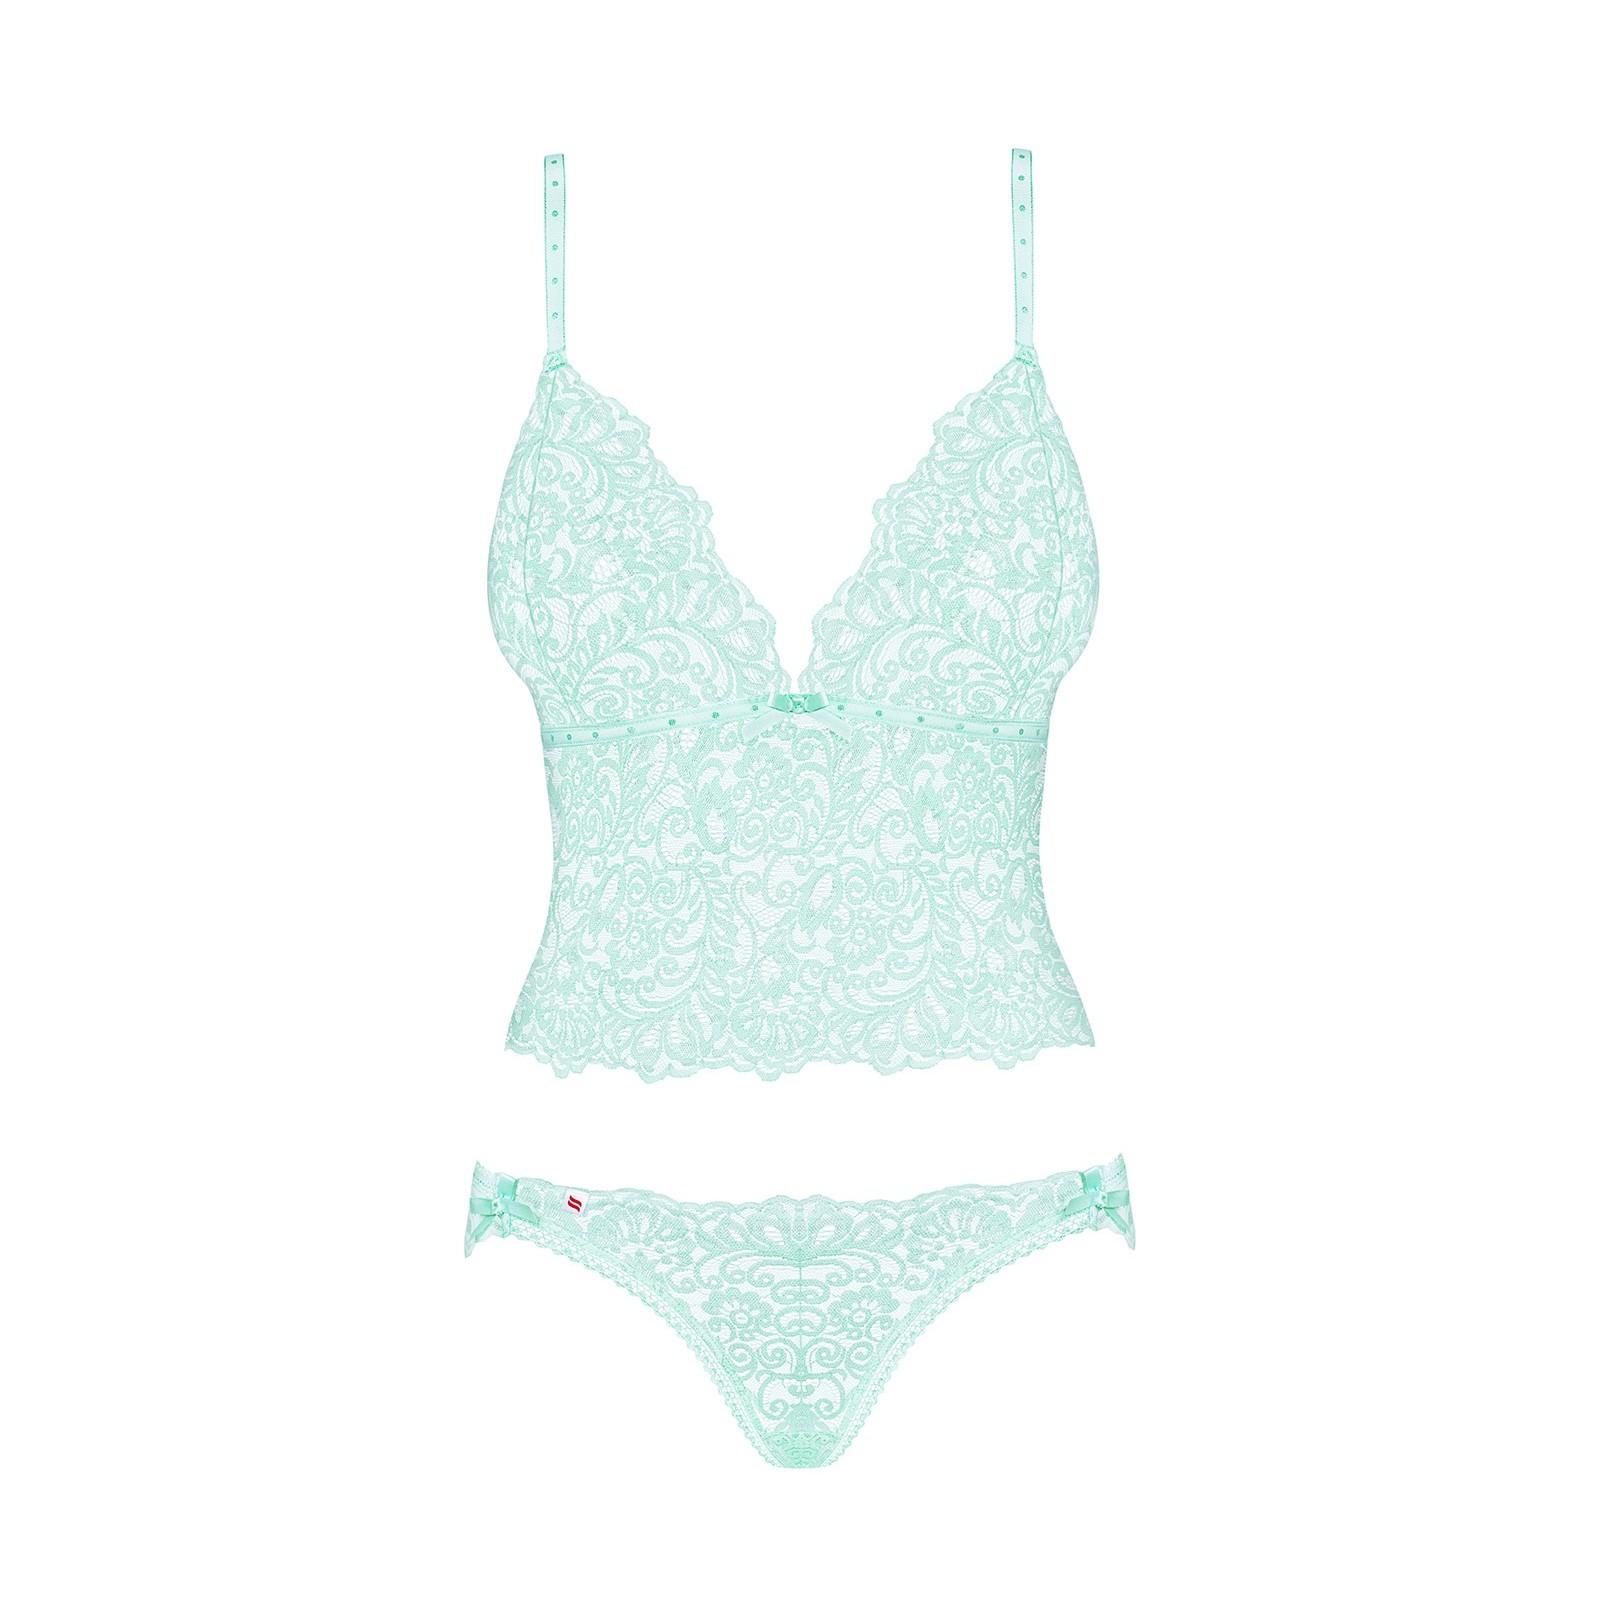 Delicanta Top & Panties mint - 5 - Vorschaubild